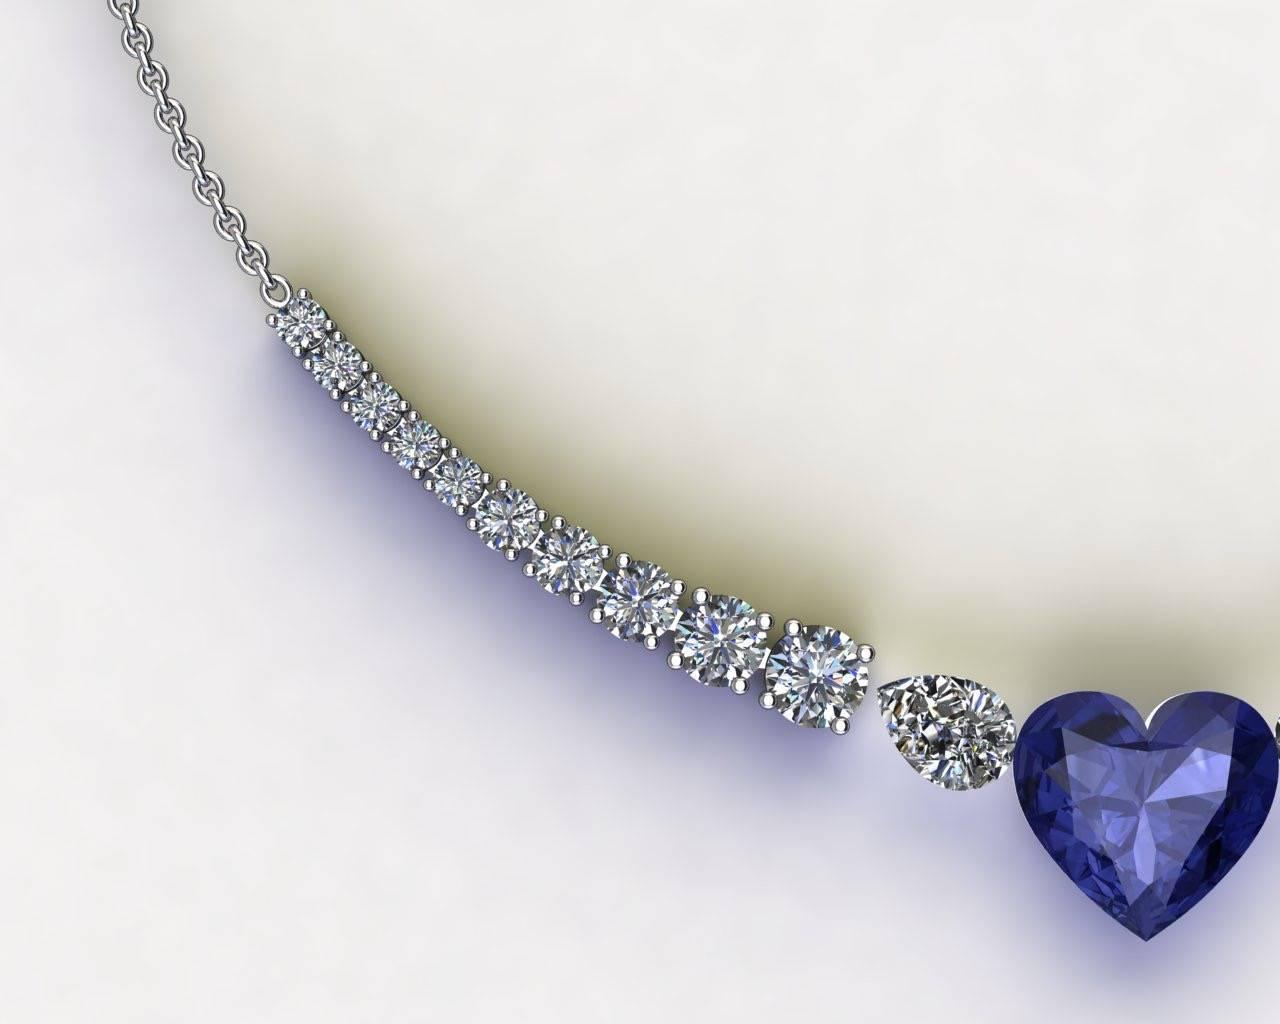 Aayraa jewels - Juwelen - House of Weddings - 8